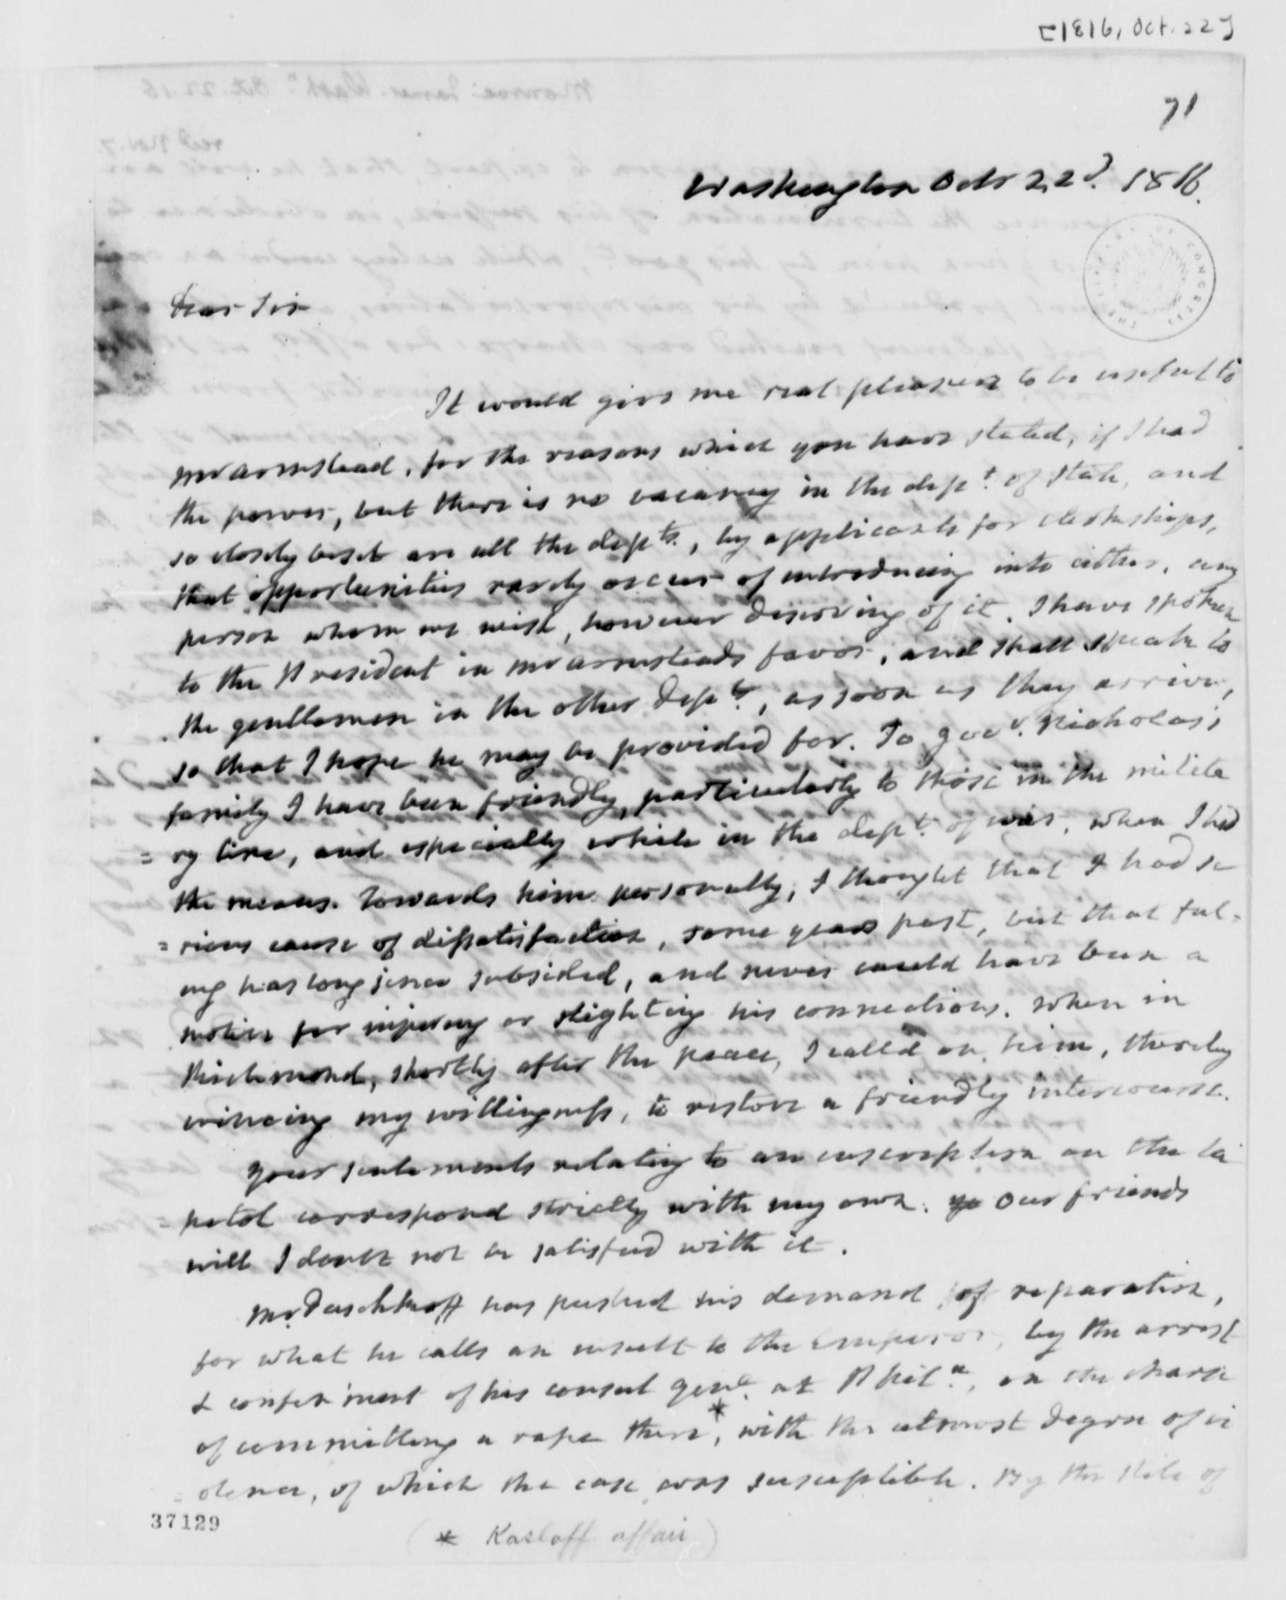 James Monroe to Thomas Jefferson, October 22, 1816